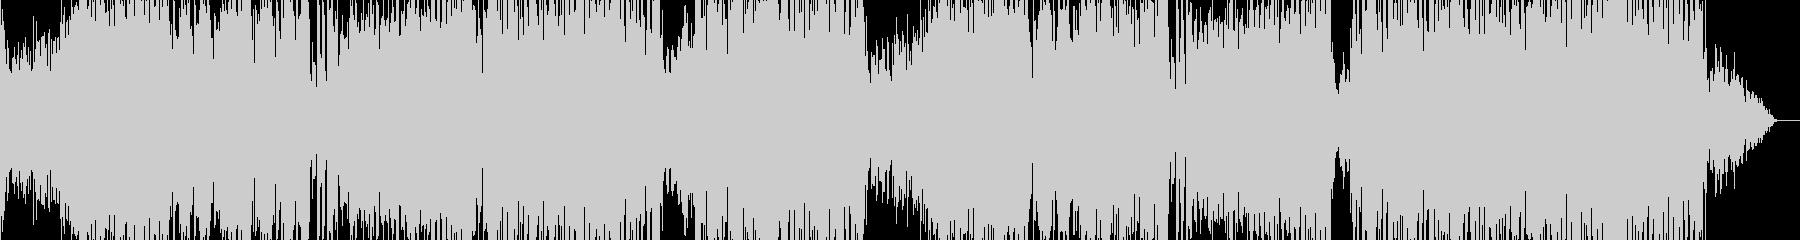 EDM、Electro Swingですの未再生の波形